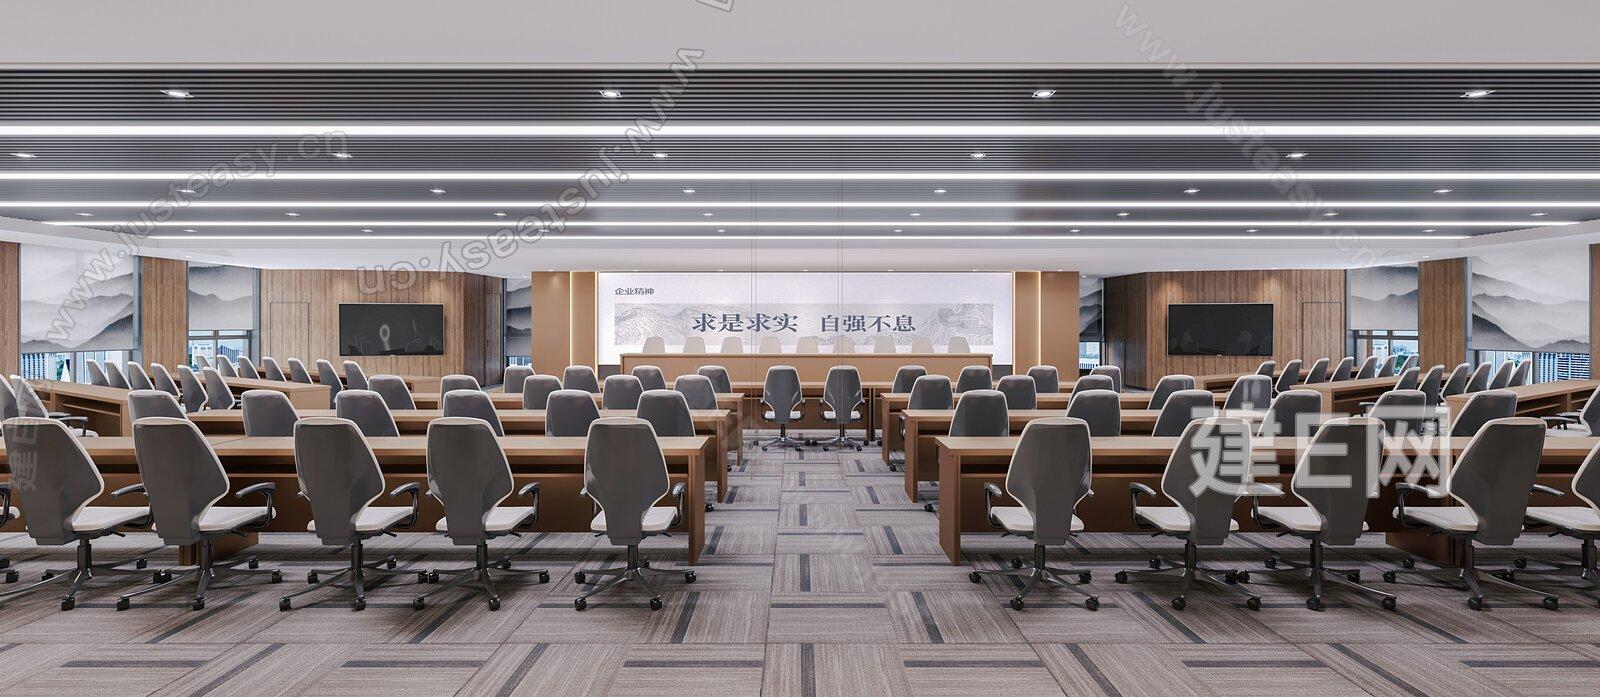 现代大型会议厅3d模型